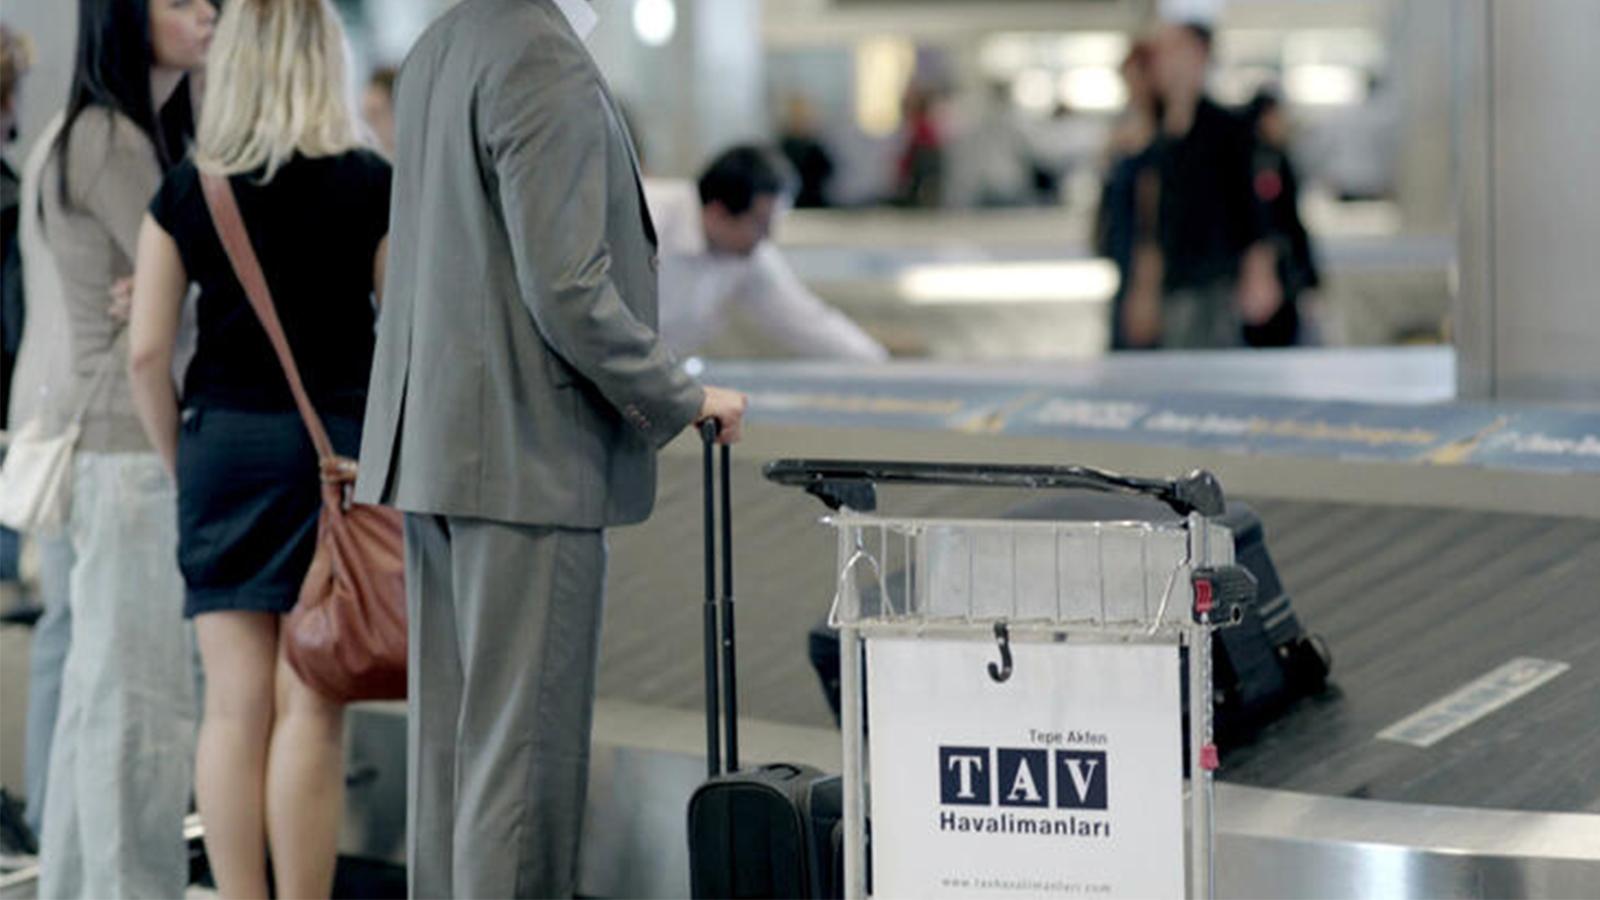 TAV Havalimanları, ilk çeyrek finansal sonuçlarını açıkladı